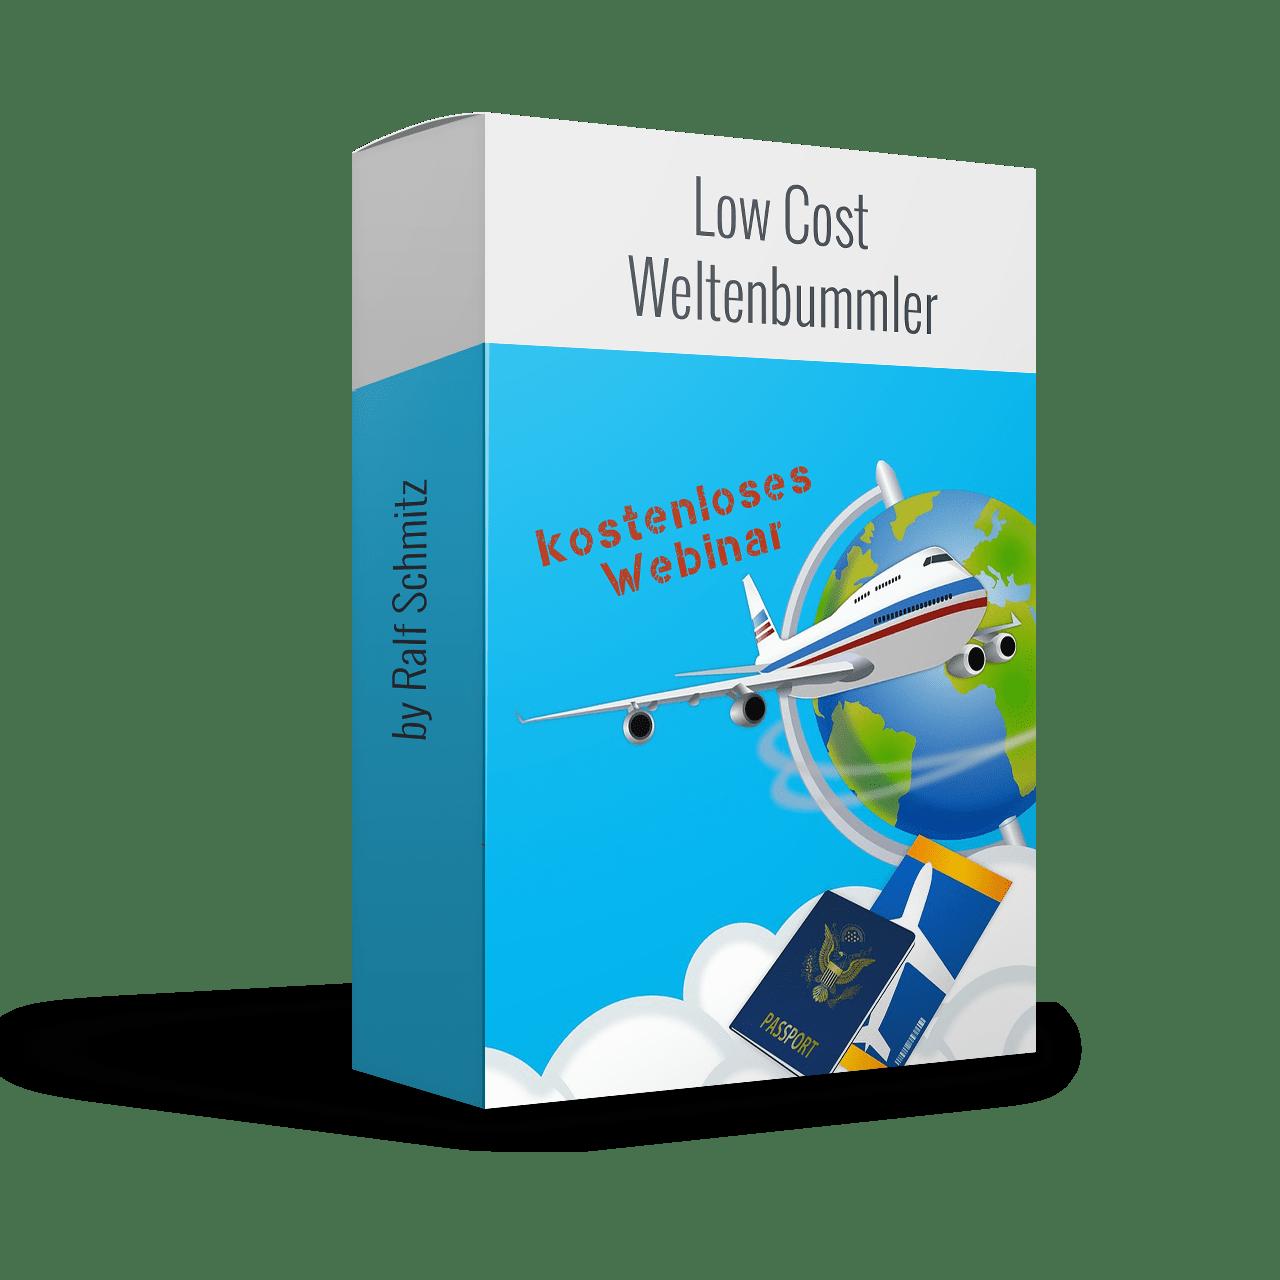 Low Cost Weltenbummler Webinar 2019 von Ralf Schmitz